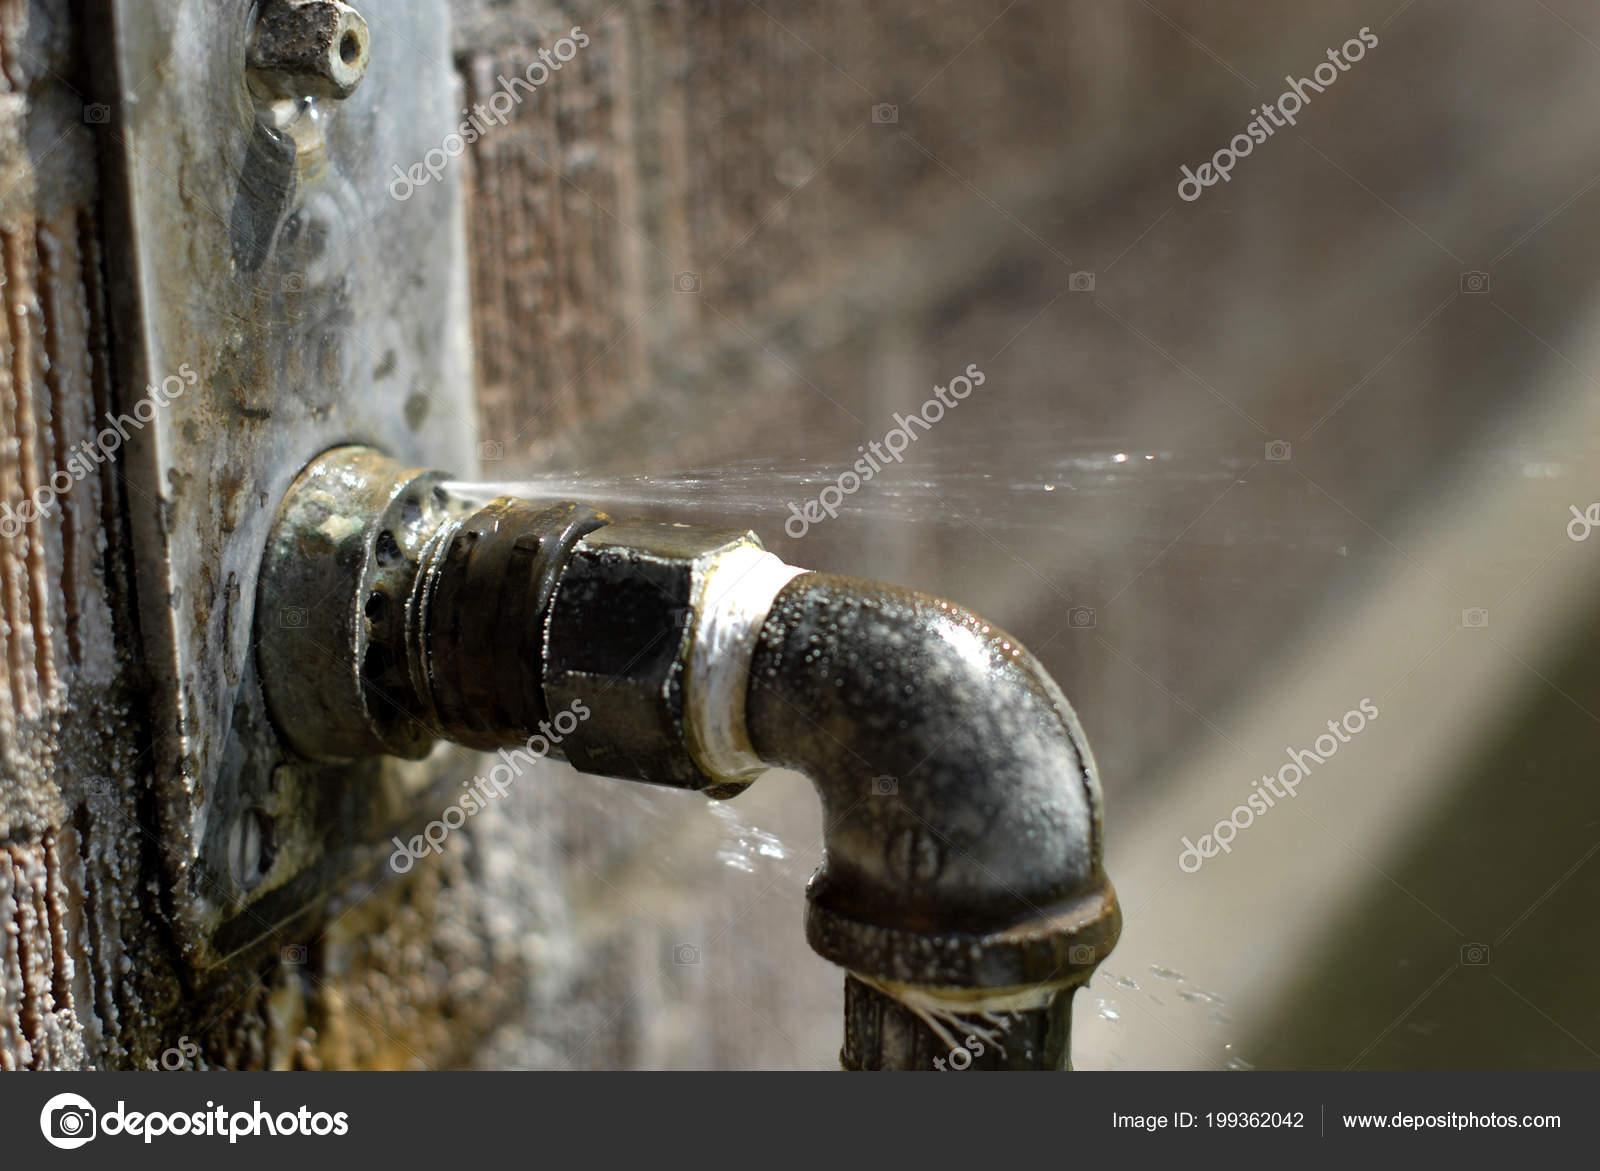 Undichte Rohre Mit Wasser Spritzen Und Spritzen Fehlerhafte Undicht